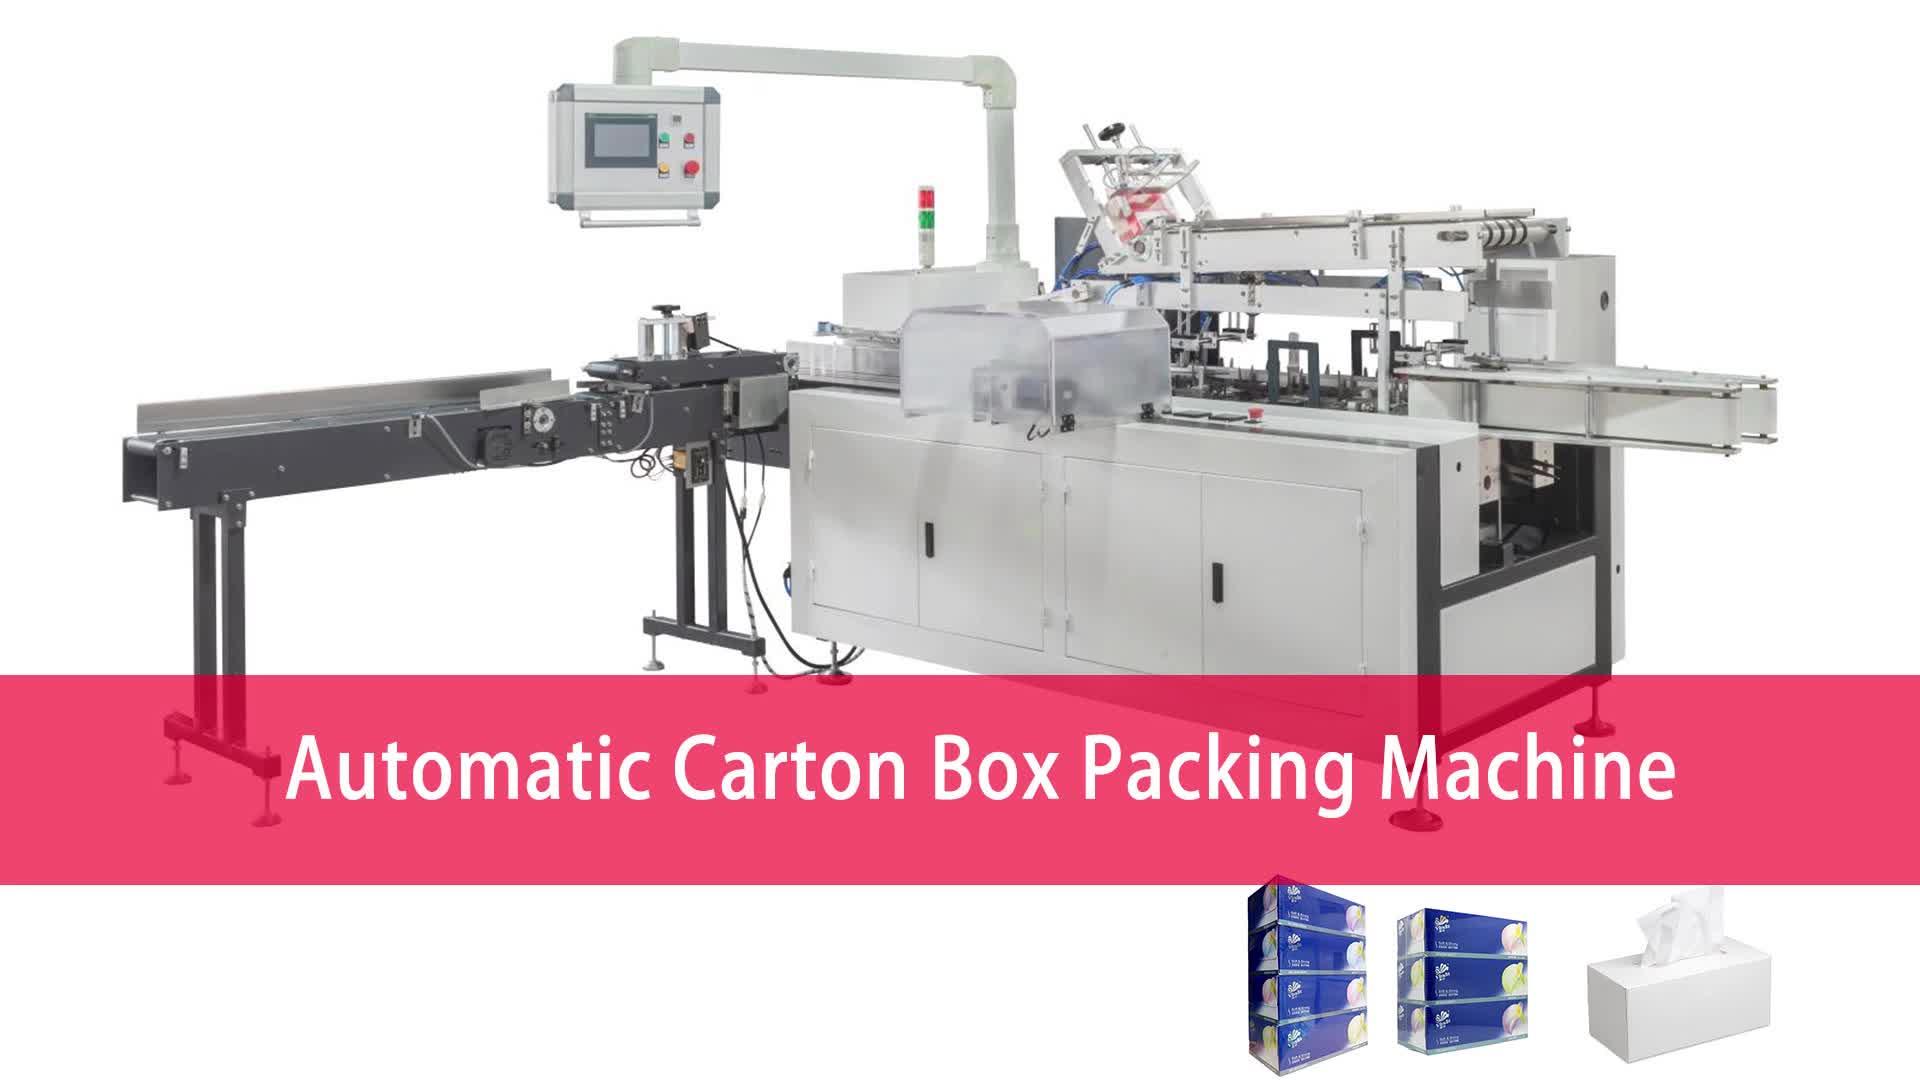 จีนผลิตกระดาษทิชชูกล่องกระดาษกล่องบรรจุเครื่องจักรกล่องซีลเครื่องจักร